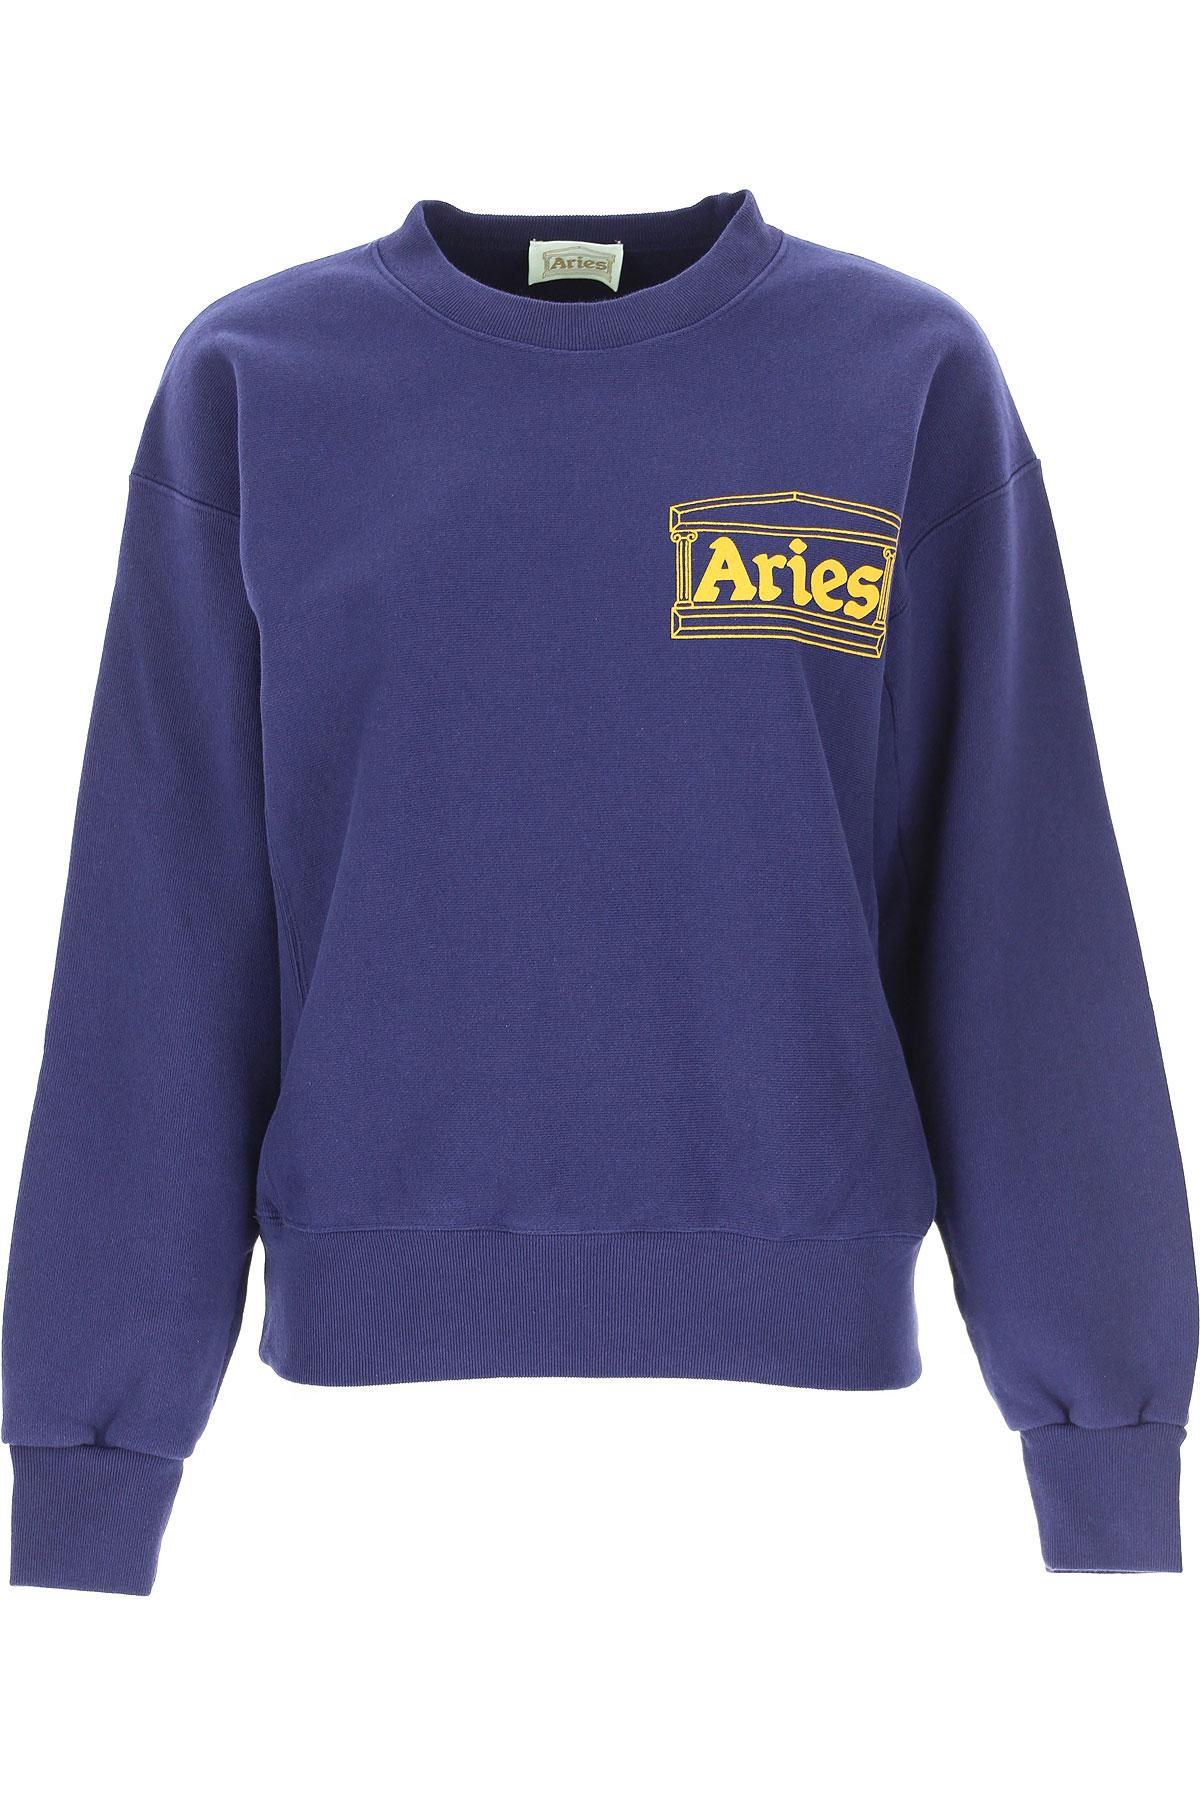 Aries Sweatshirt for Women On Sale, Indigo Blue, Cotton, 2019, 4